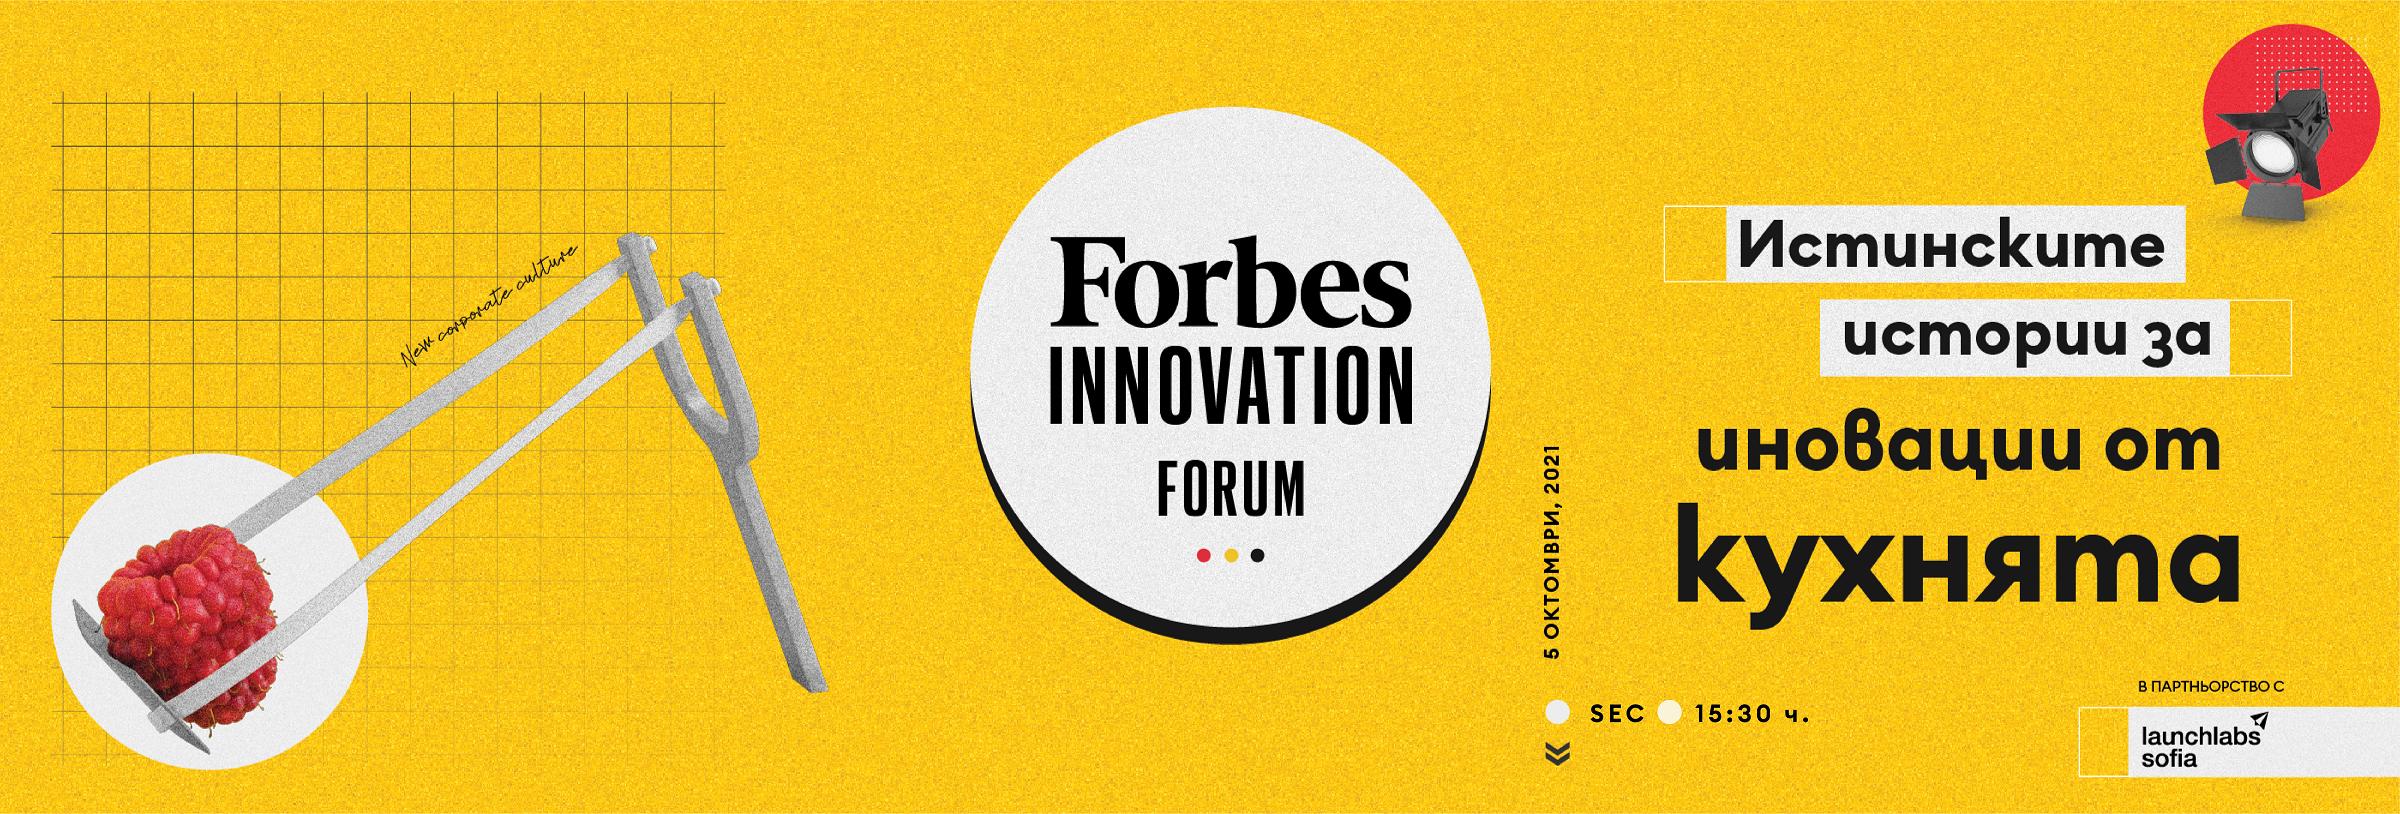 Forbes_innovation_forum_header_2400-814_new